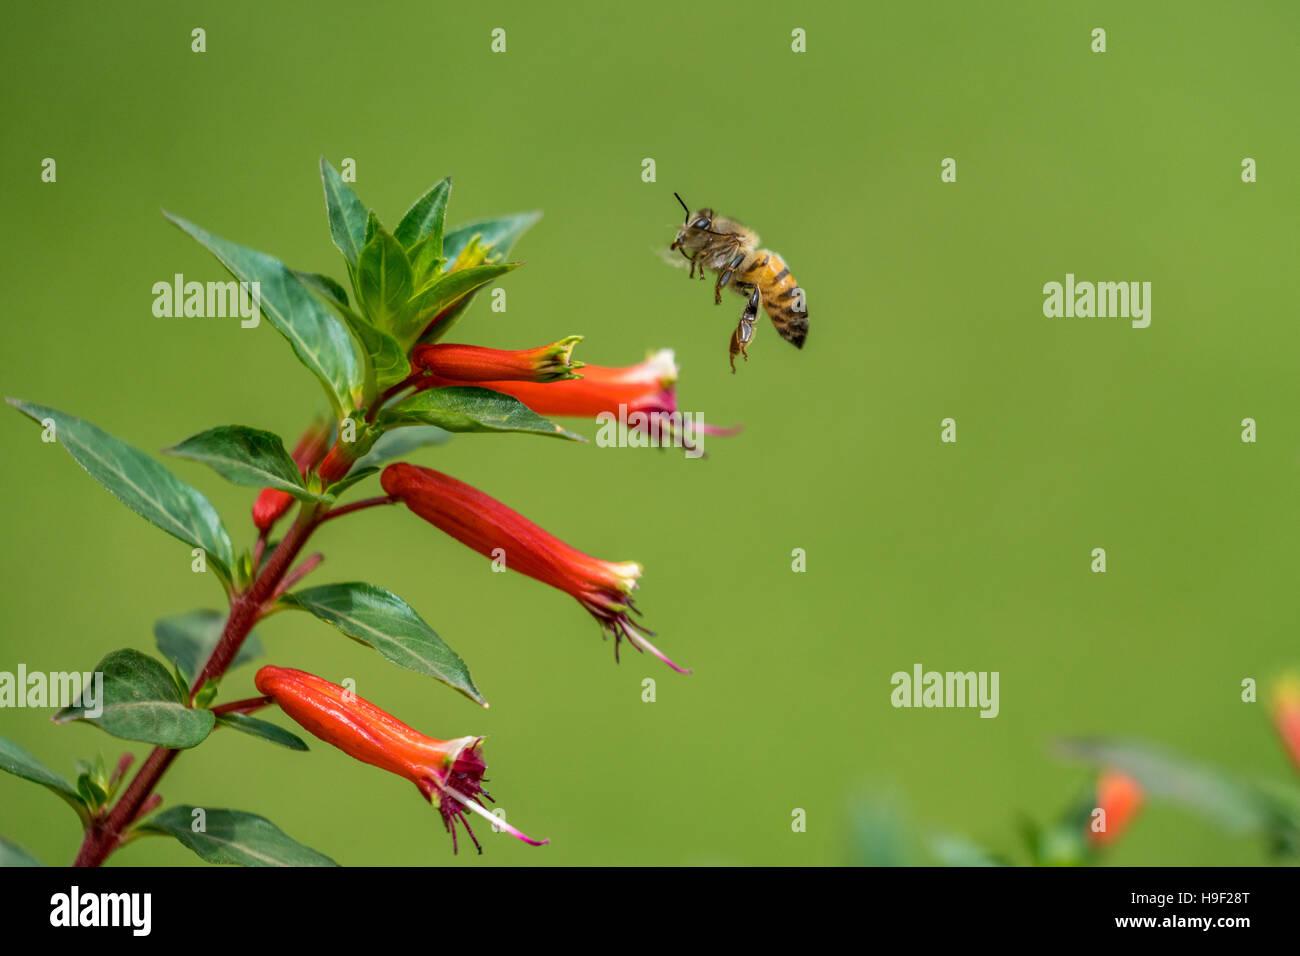 Eine Biene fliegt in der Luft Stockbild